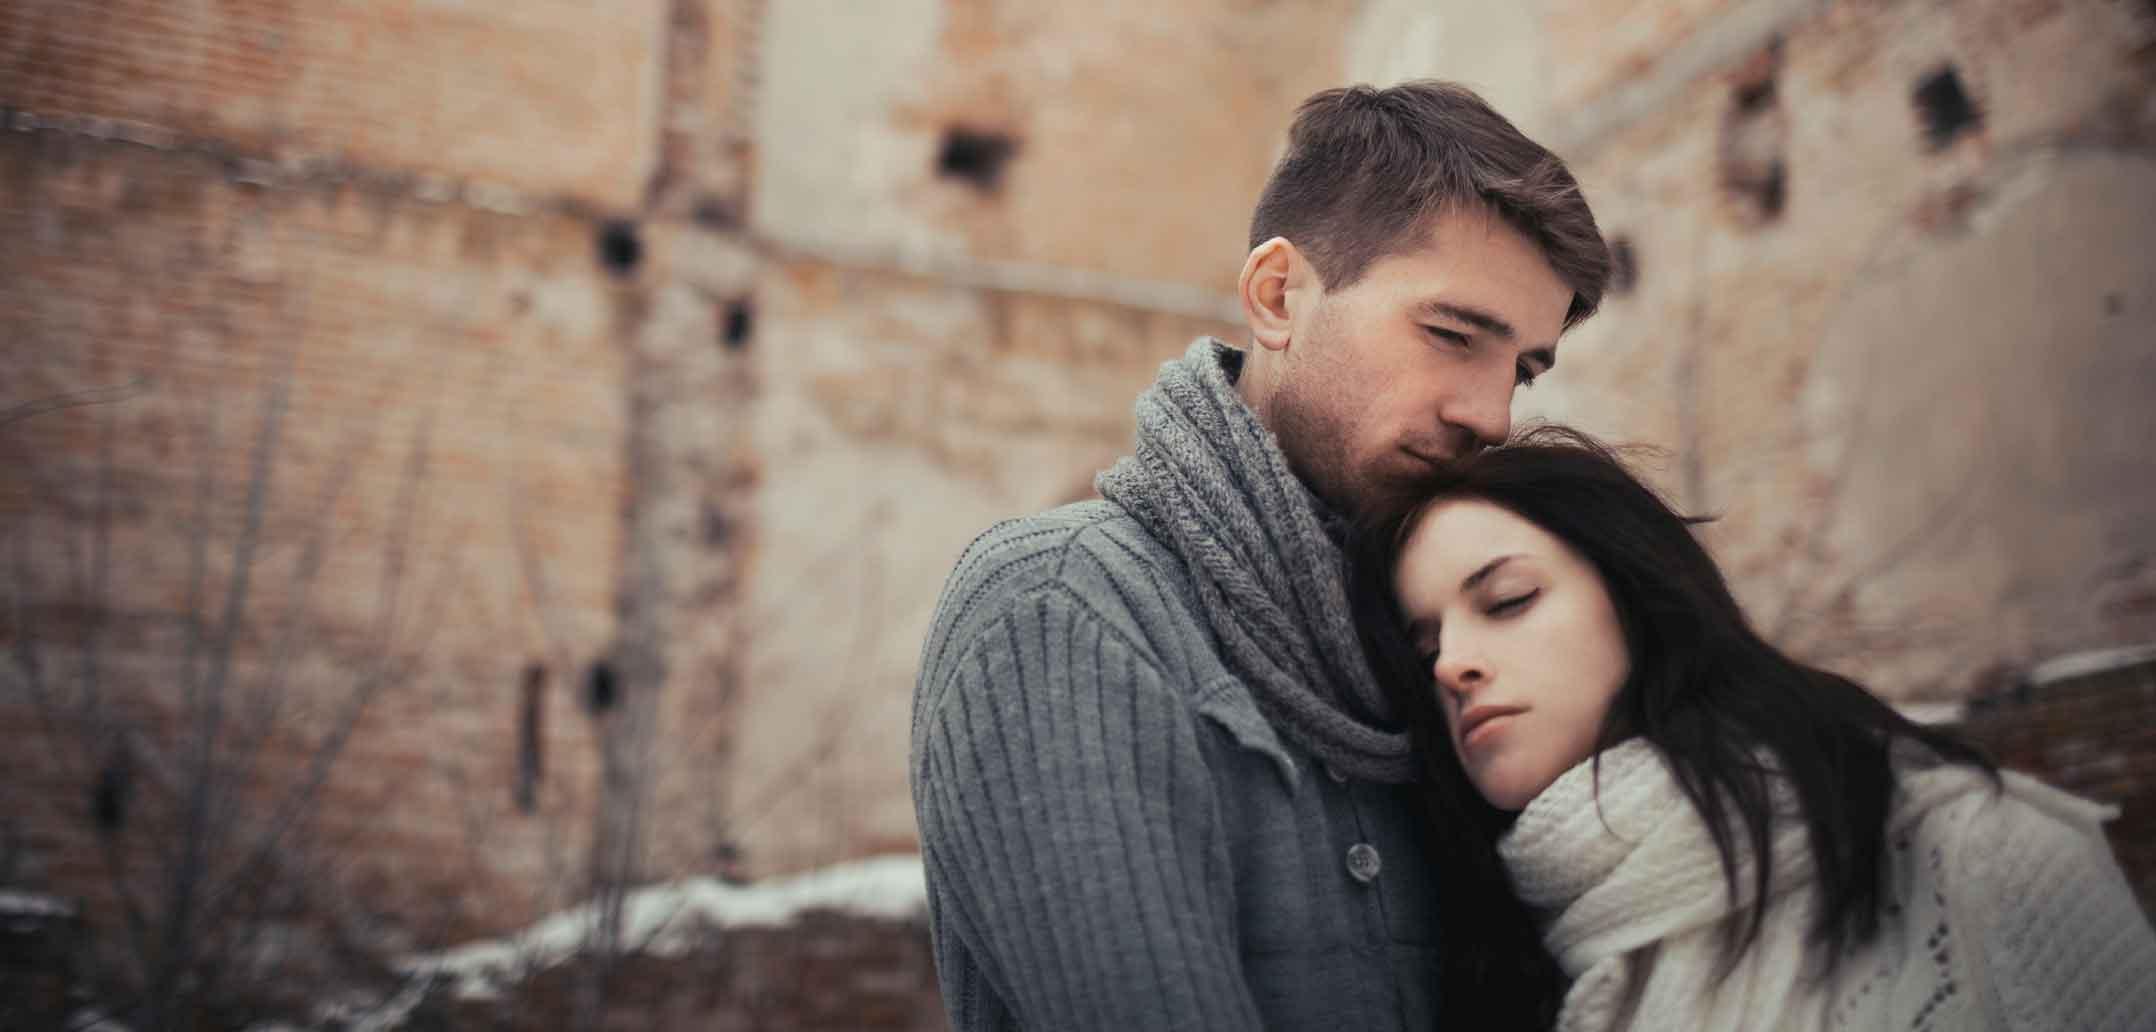 Vergebungssucher lieben länger